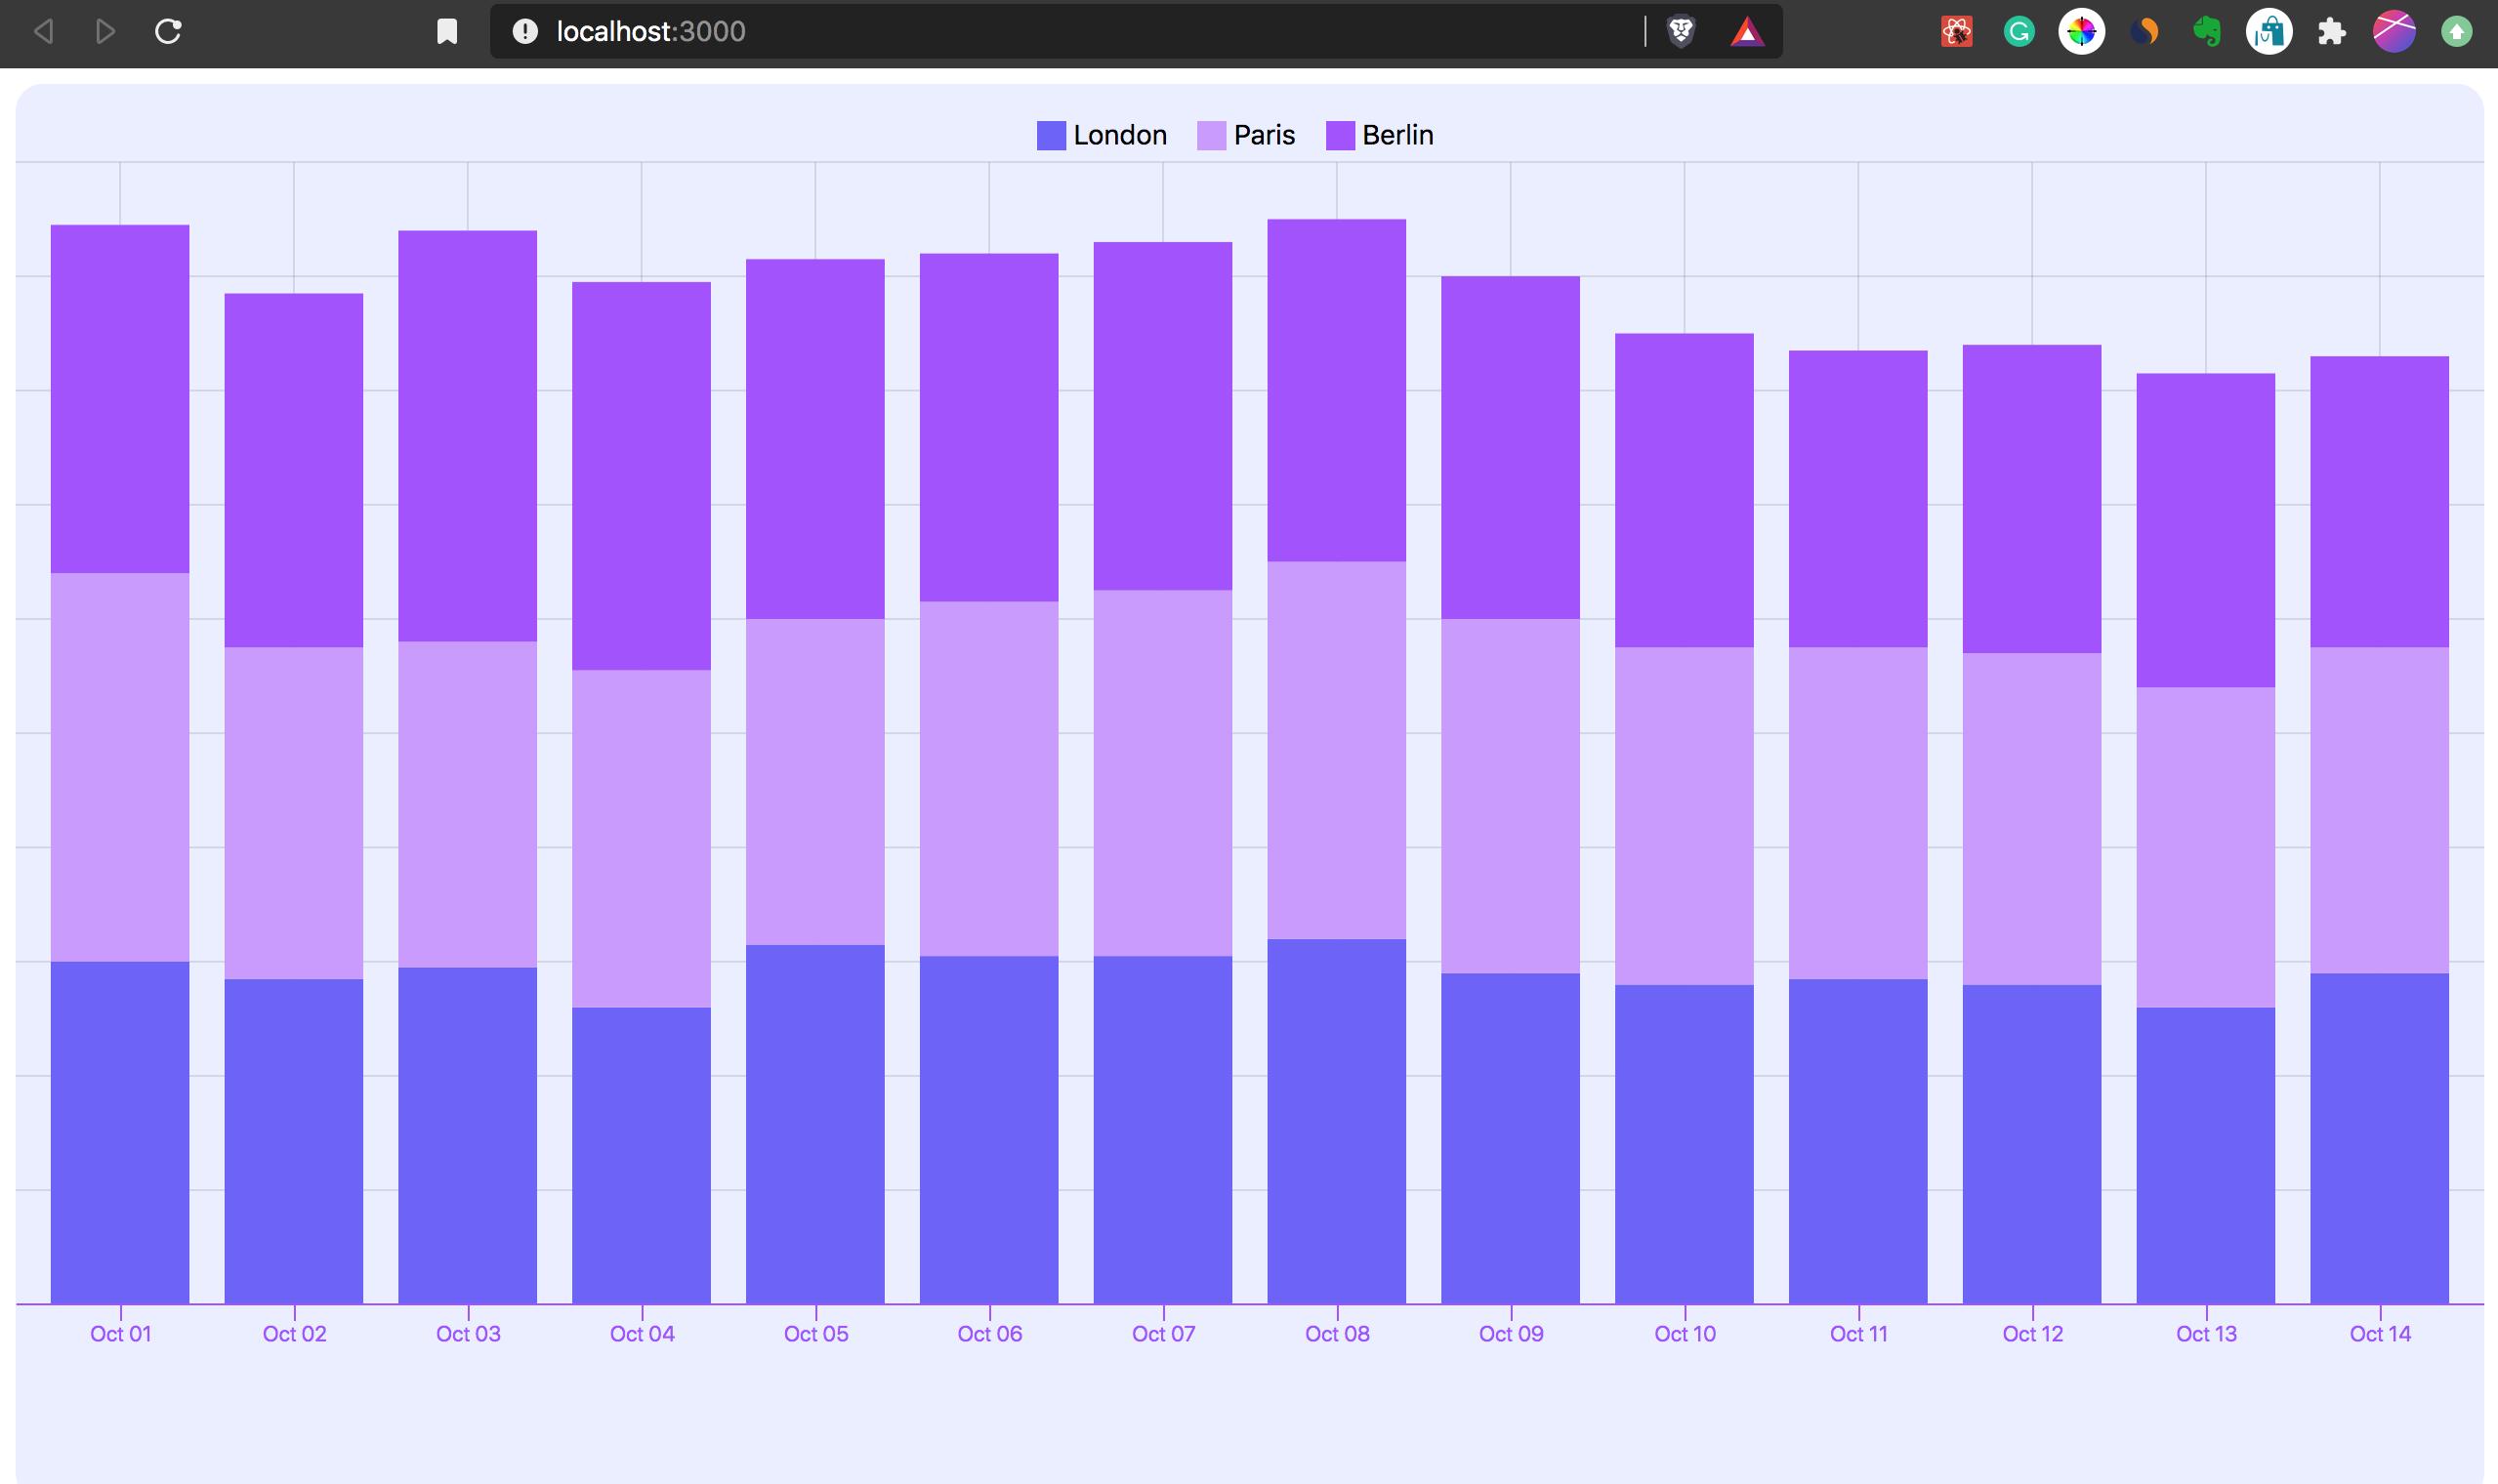 Bar chart built with Visx.